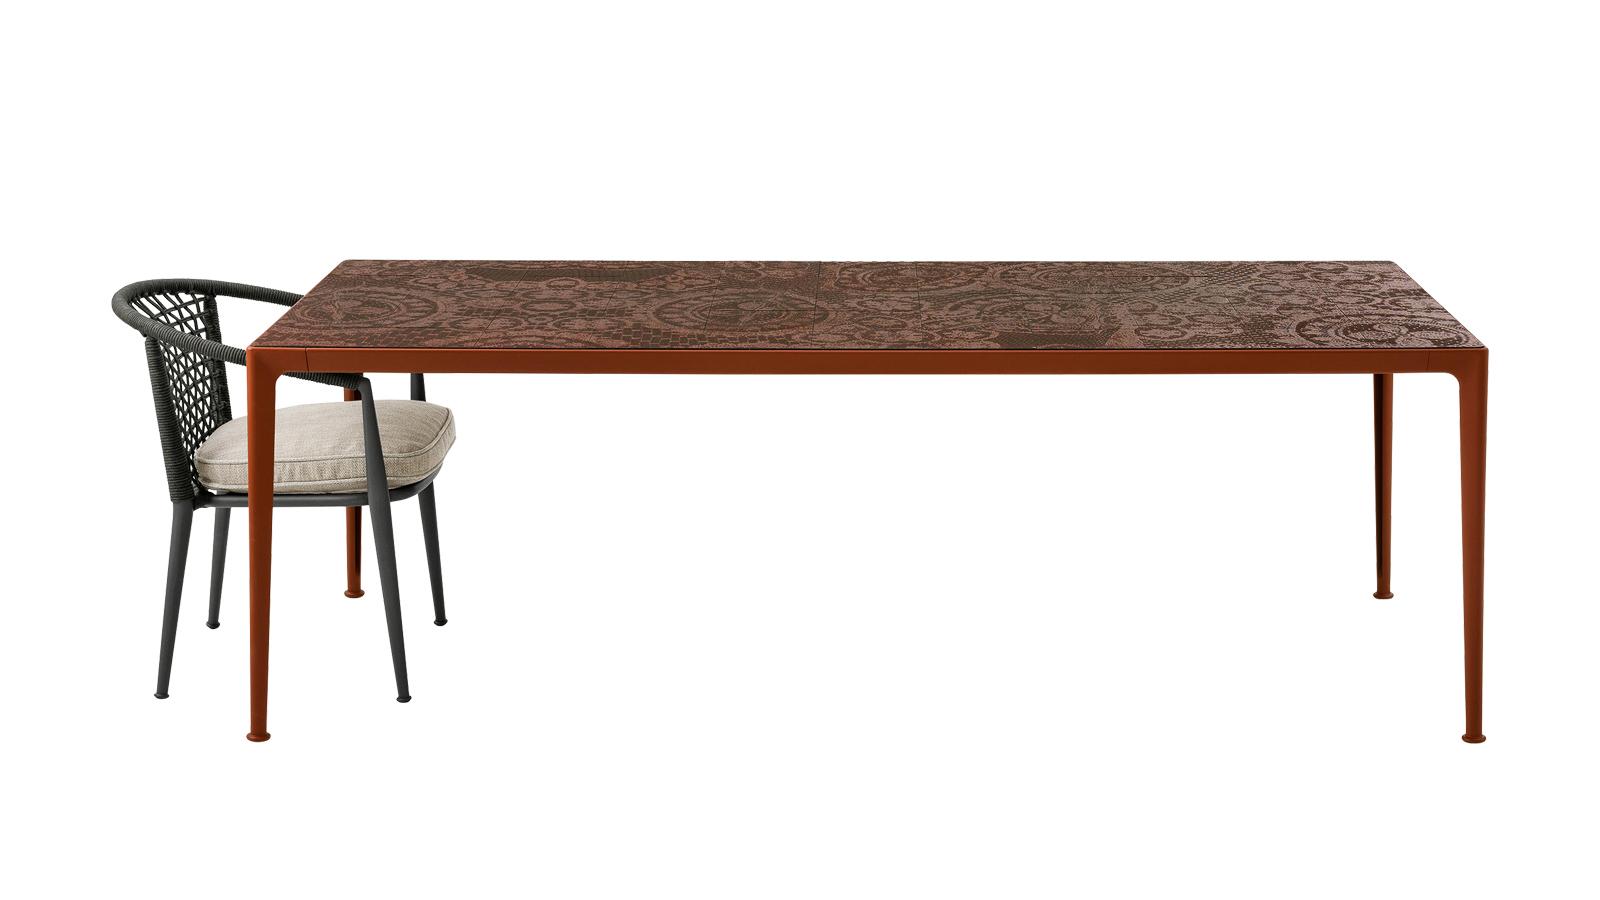 """""""Igazi high end design darab a B&B Italia Mirto kültéri asztala, mellyel a tervező, Antonio Citterio elegáns, format és funkciót tekintve egyaránt időtálló remekművet alkotott. A Mirto kollekció – melyet olyan részletek tesznek barátságossá, mint az alumínium szerkezet, vagy a különlegesen strapabíró lakkozás, ami több mint 1000 órányi sós párát képes kiállni. A kollekcióhoz tartozó székek karfával vagy anélkül, és rendezői szék változatban is kaphatók. A tervező szándékosan kerülte el a túl erős karaktert, az volt a célja, hogy a használó által alakuljon ki a bútorok személyisége. """""""